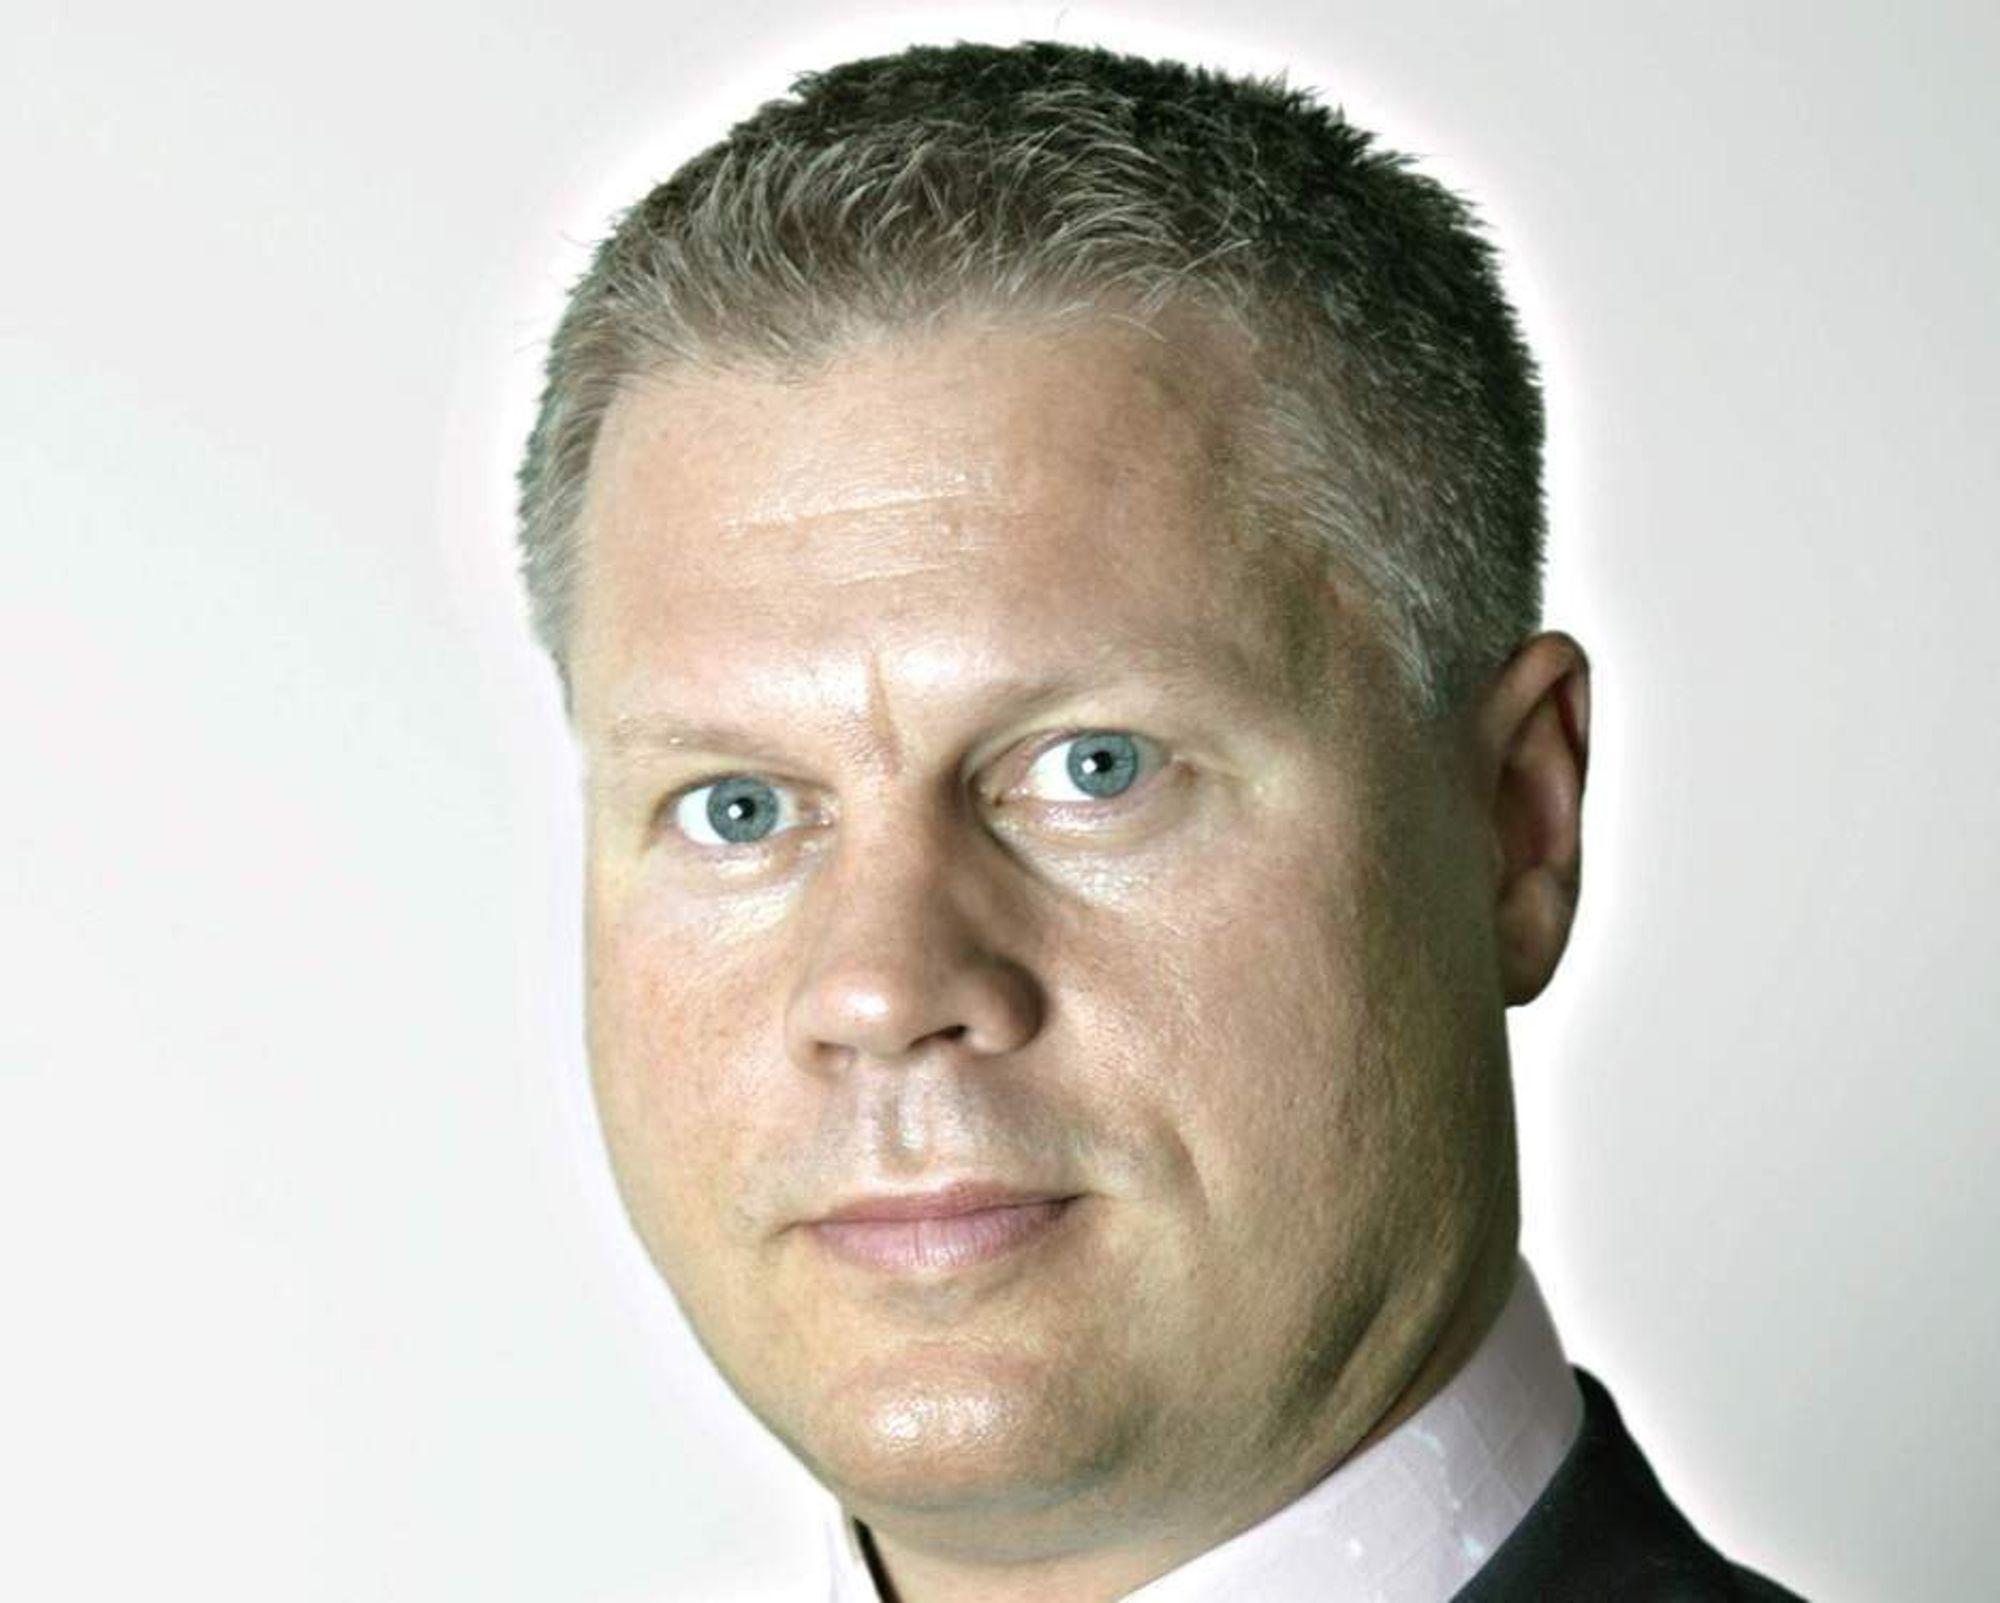 OG VIPS SÅ VAR HAN UTE: Lars Bjertnæs har sagt at han nå ønsker å fokusere på andre oppgaver utenfor EDB-konsernet.